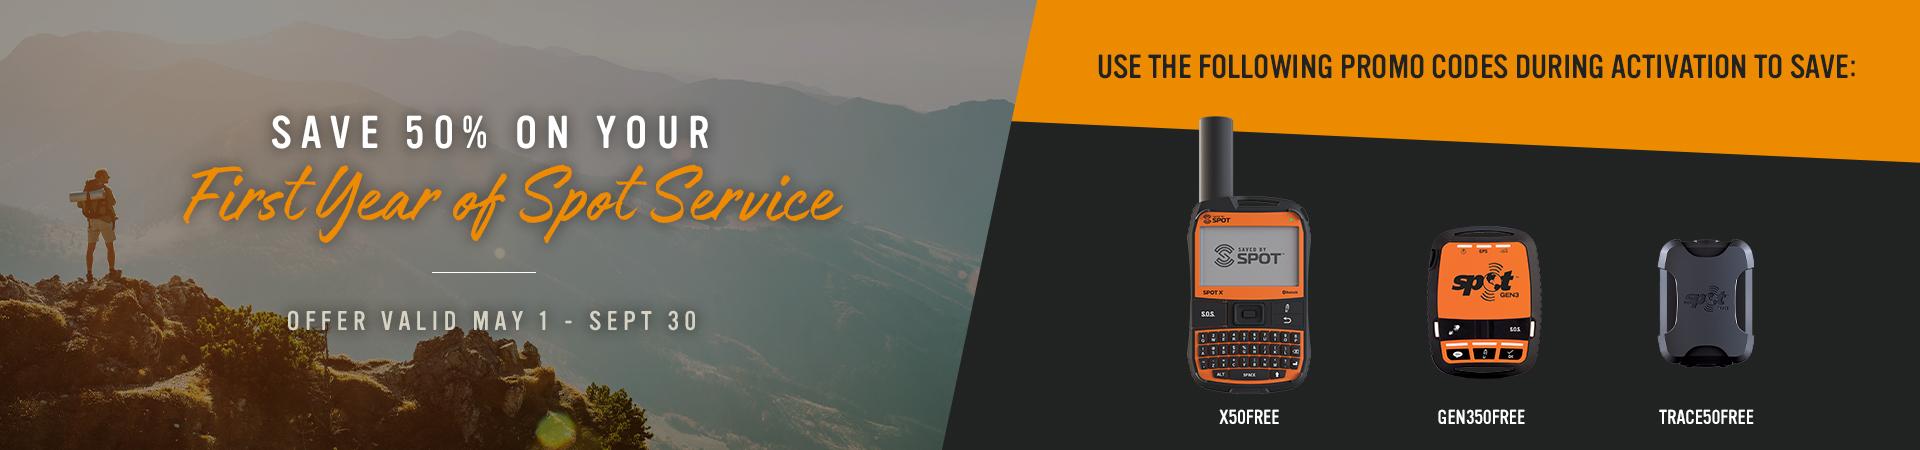 Save 50% on Spot service plans